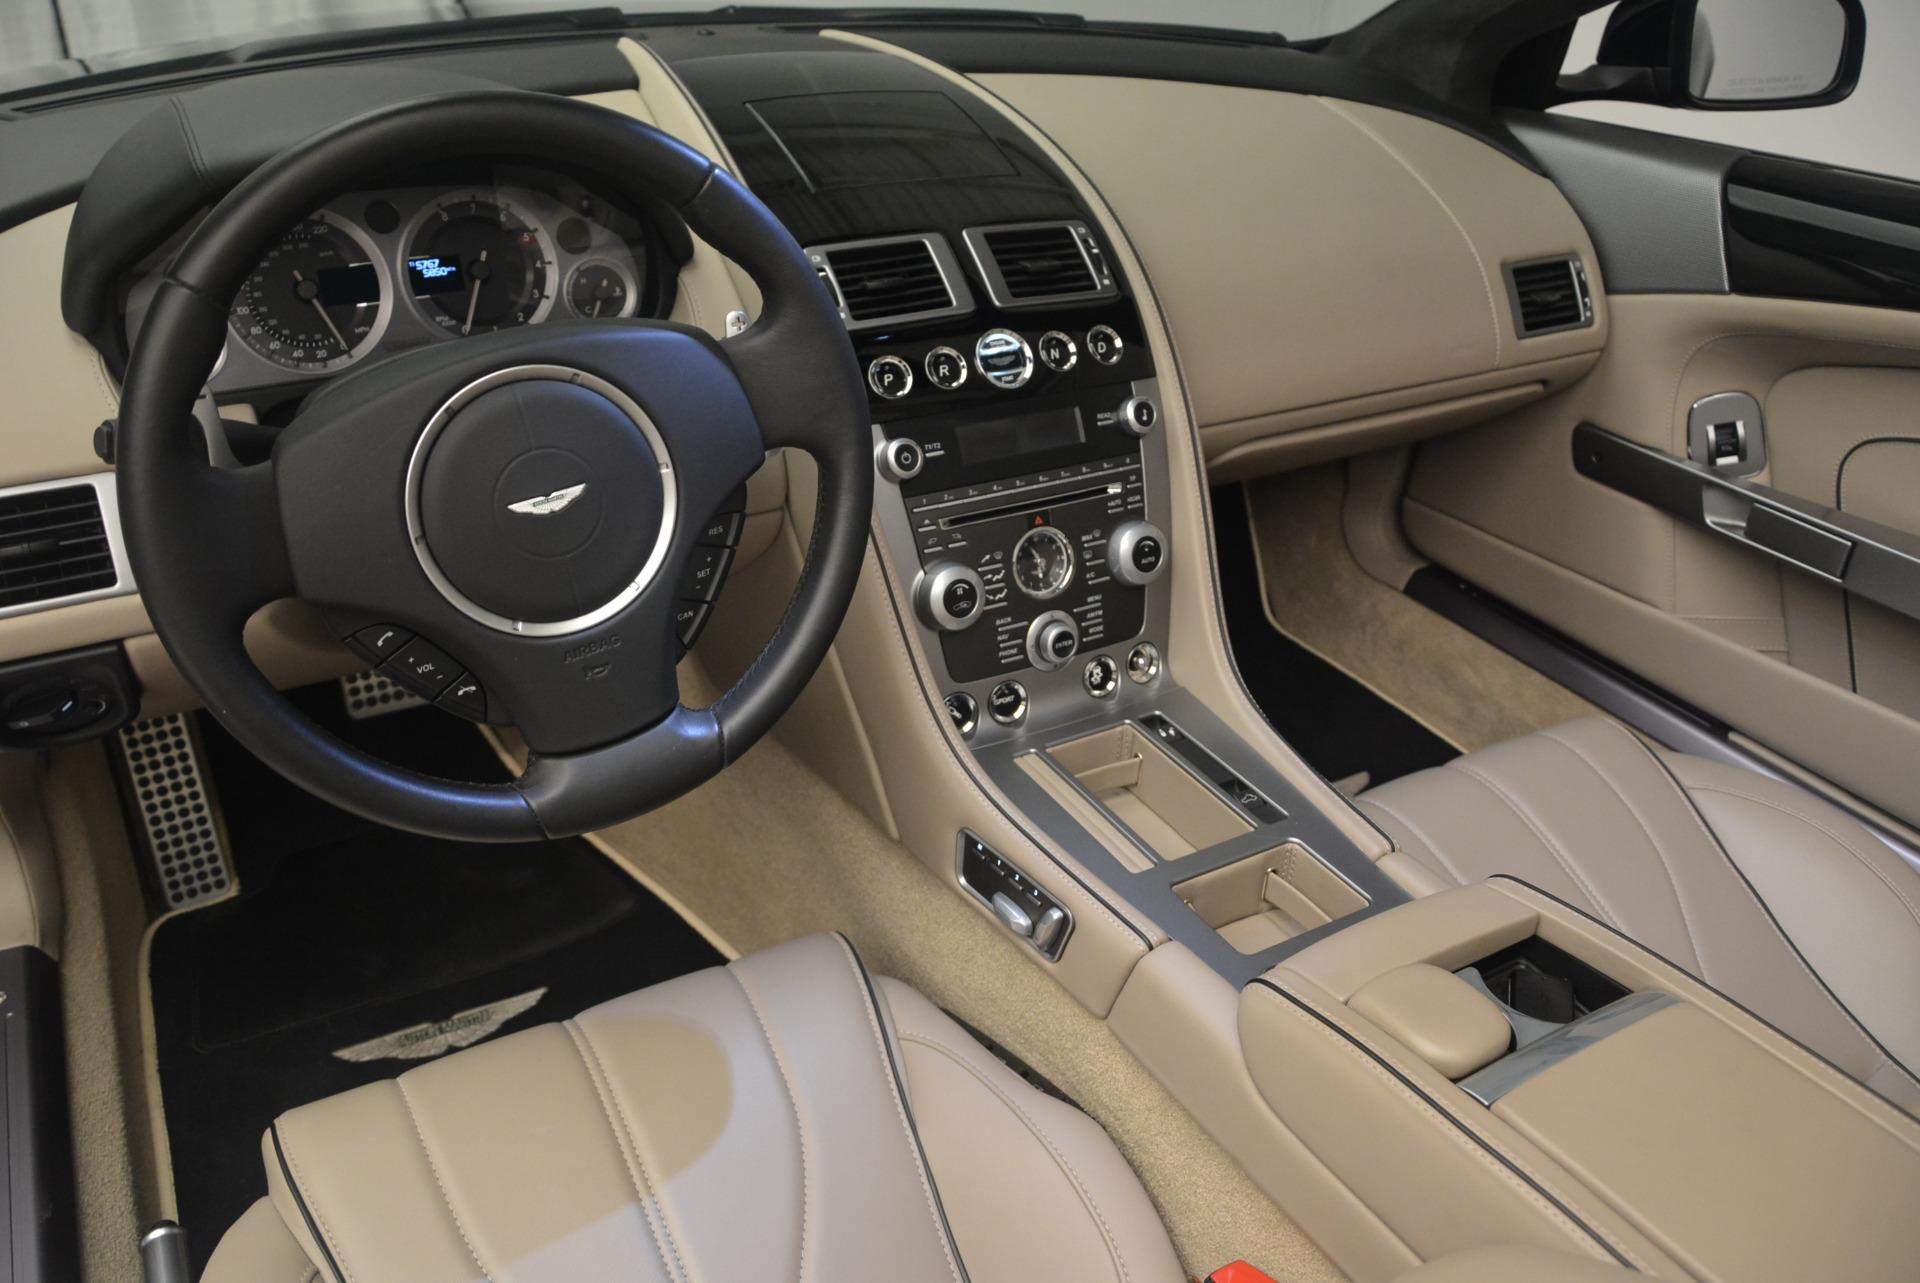 Used 2015 Aston Martin DB9 Volante For Sale In Greenwich, CT 2318_p20